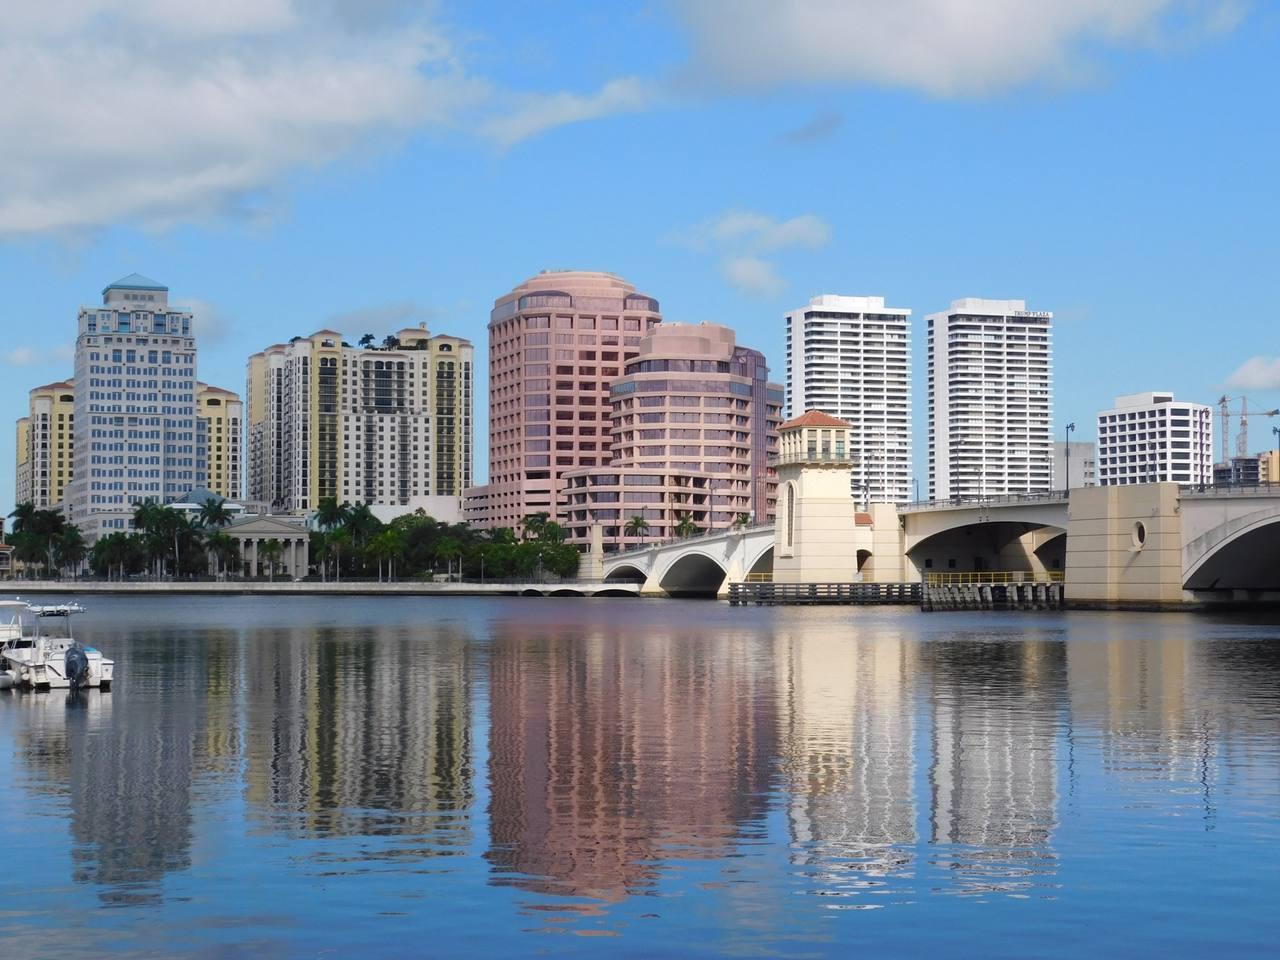 Immobilier palm beach ce qu 39 il faut savoir pour for Acheter une maison en floride forum